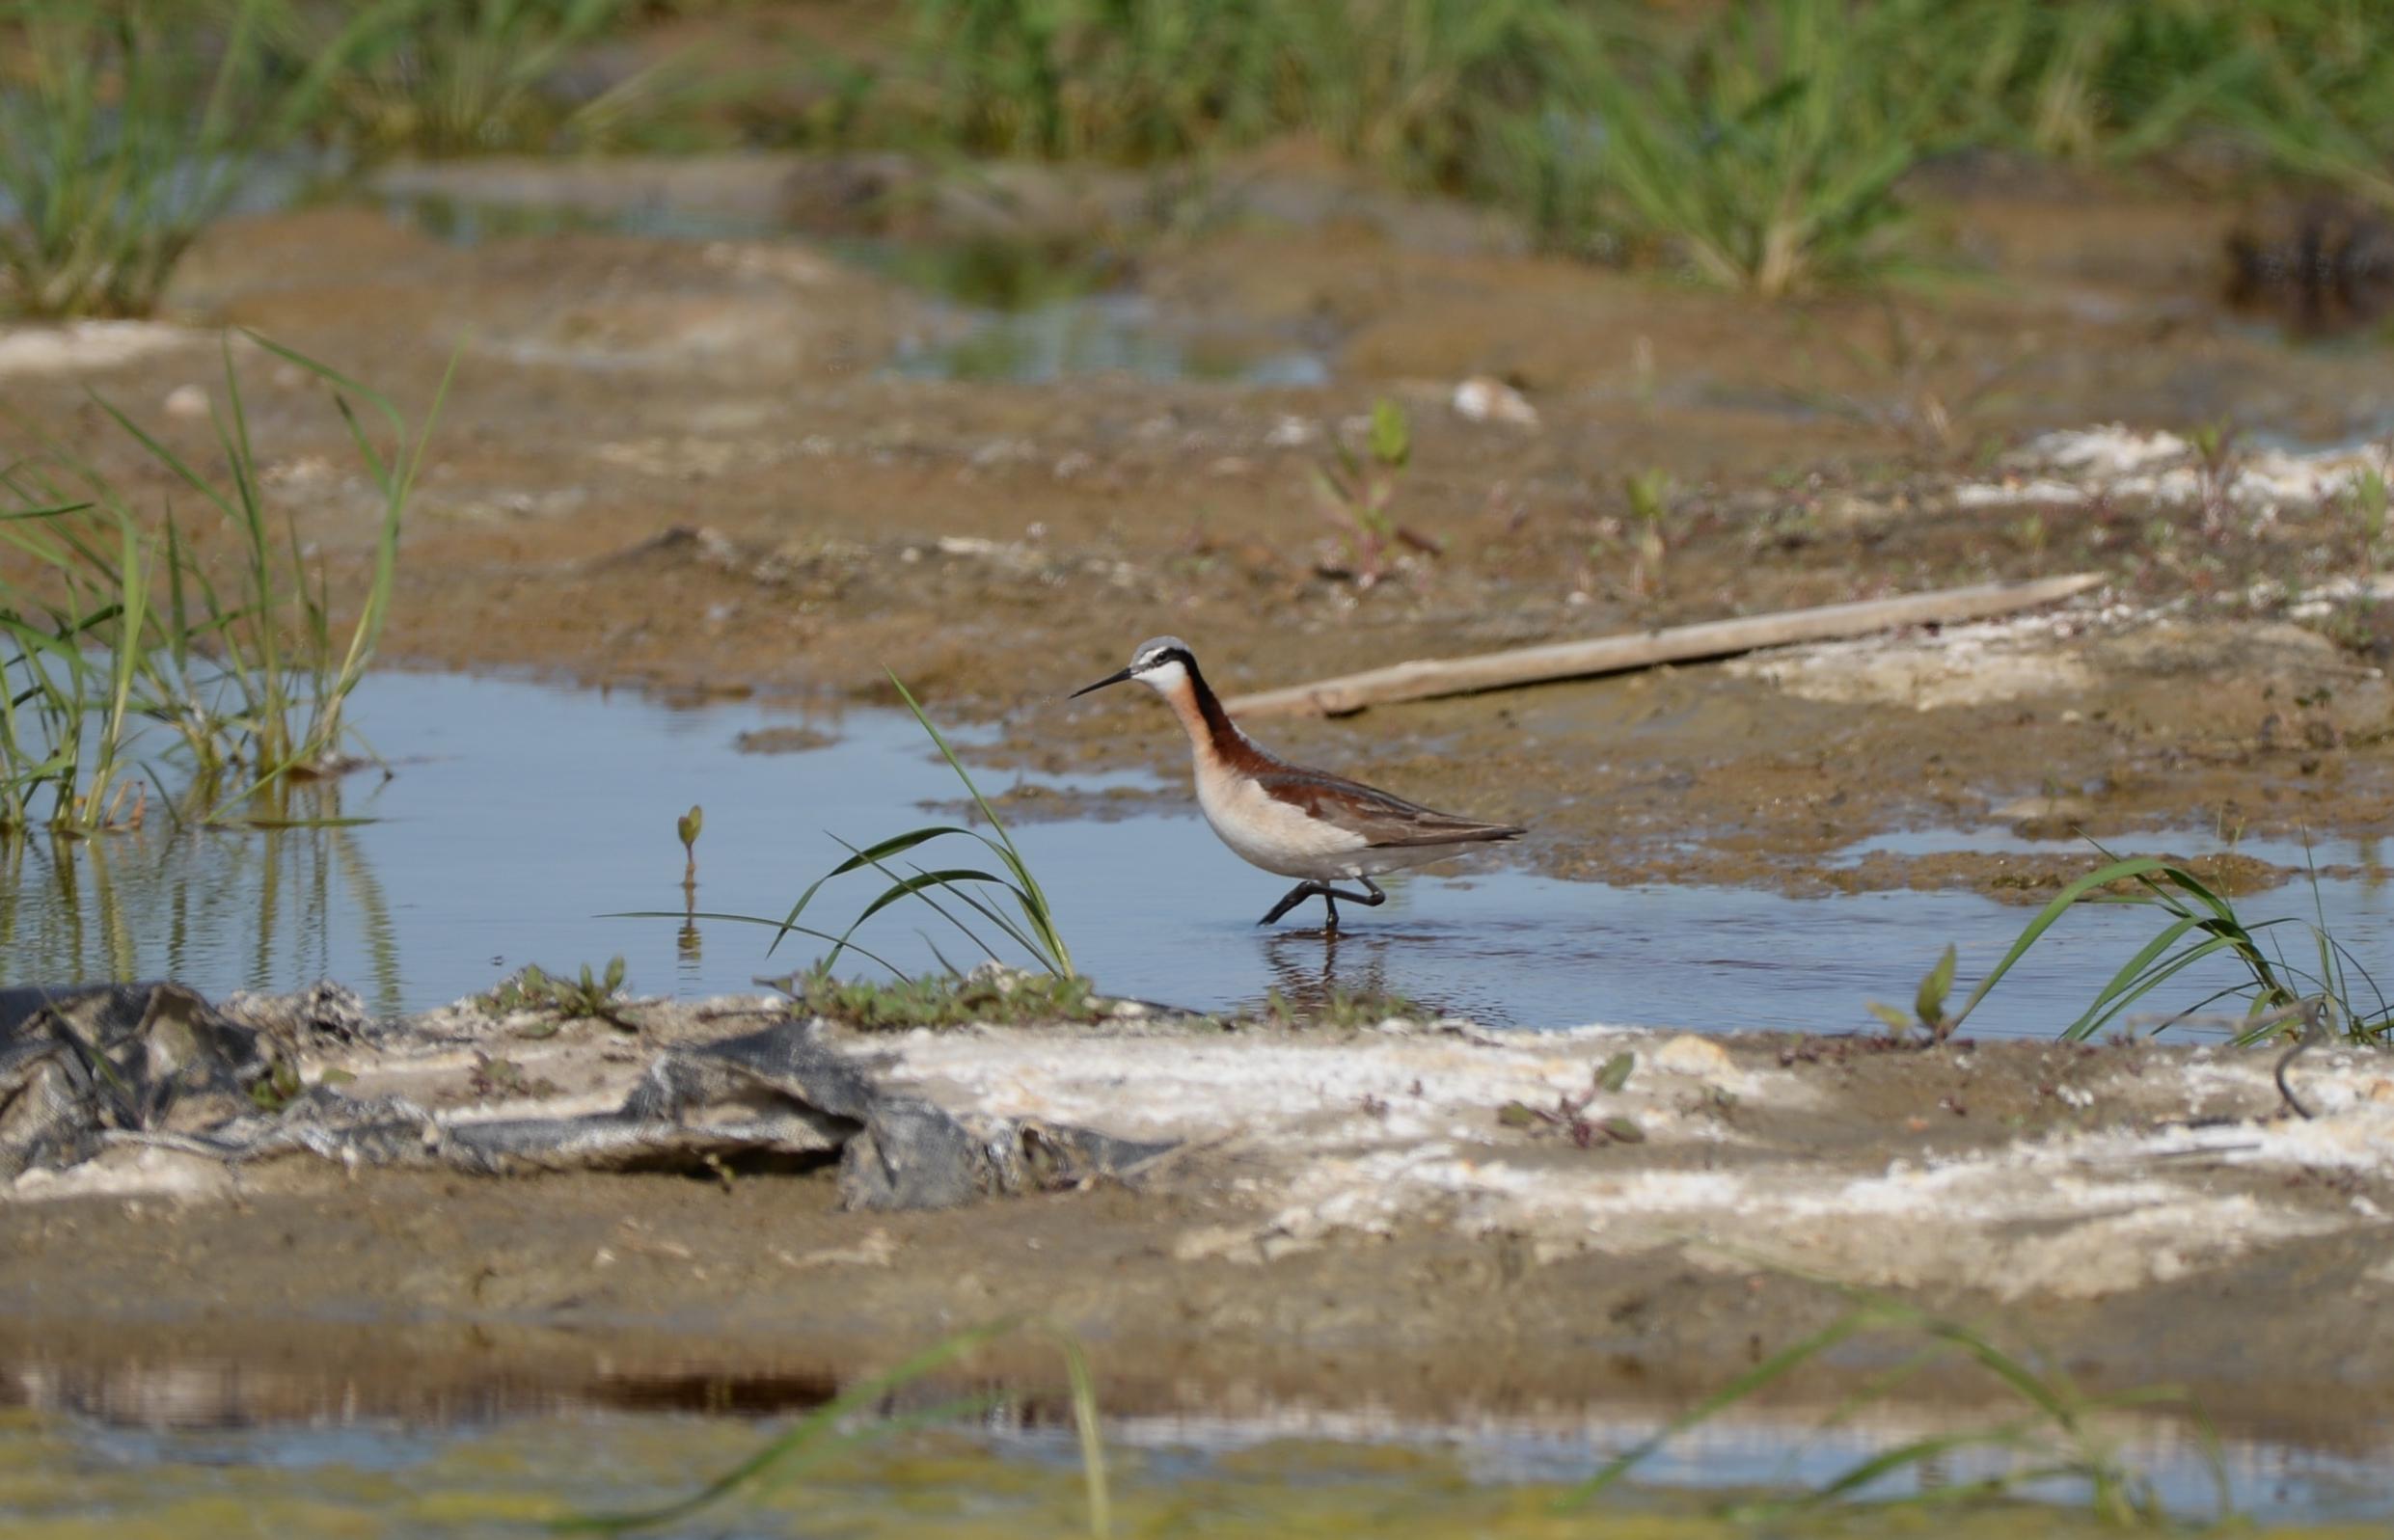 Aves de pasto: Gemas ocultas de la pradera - Aves y floraciones